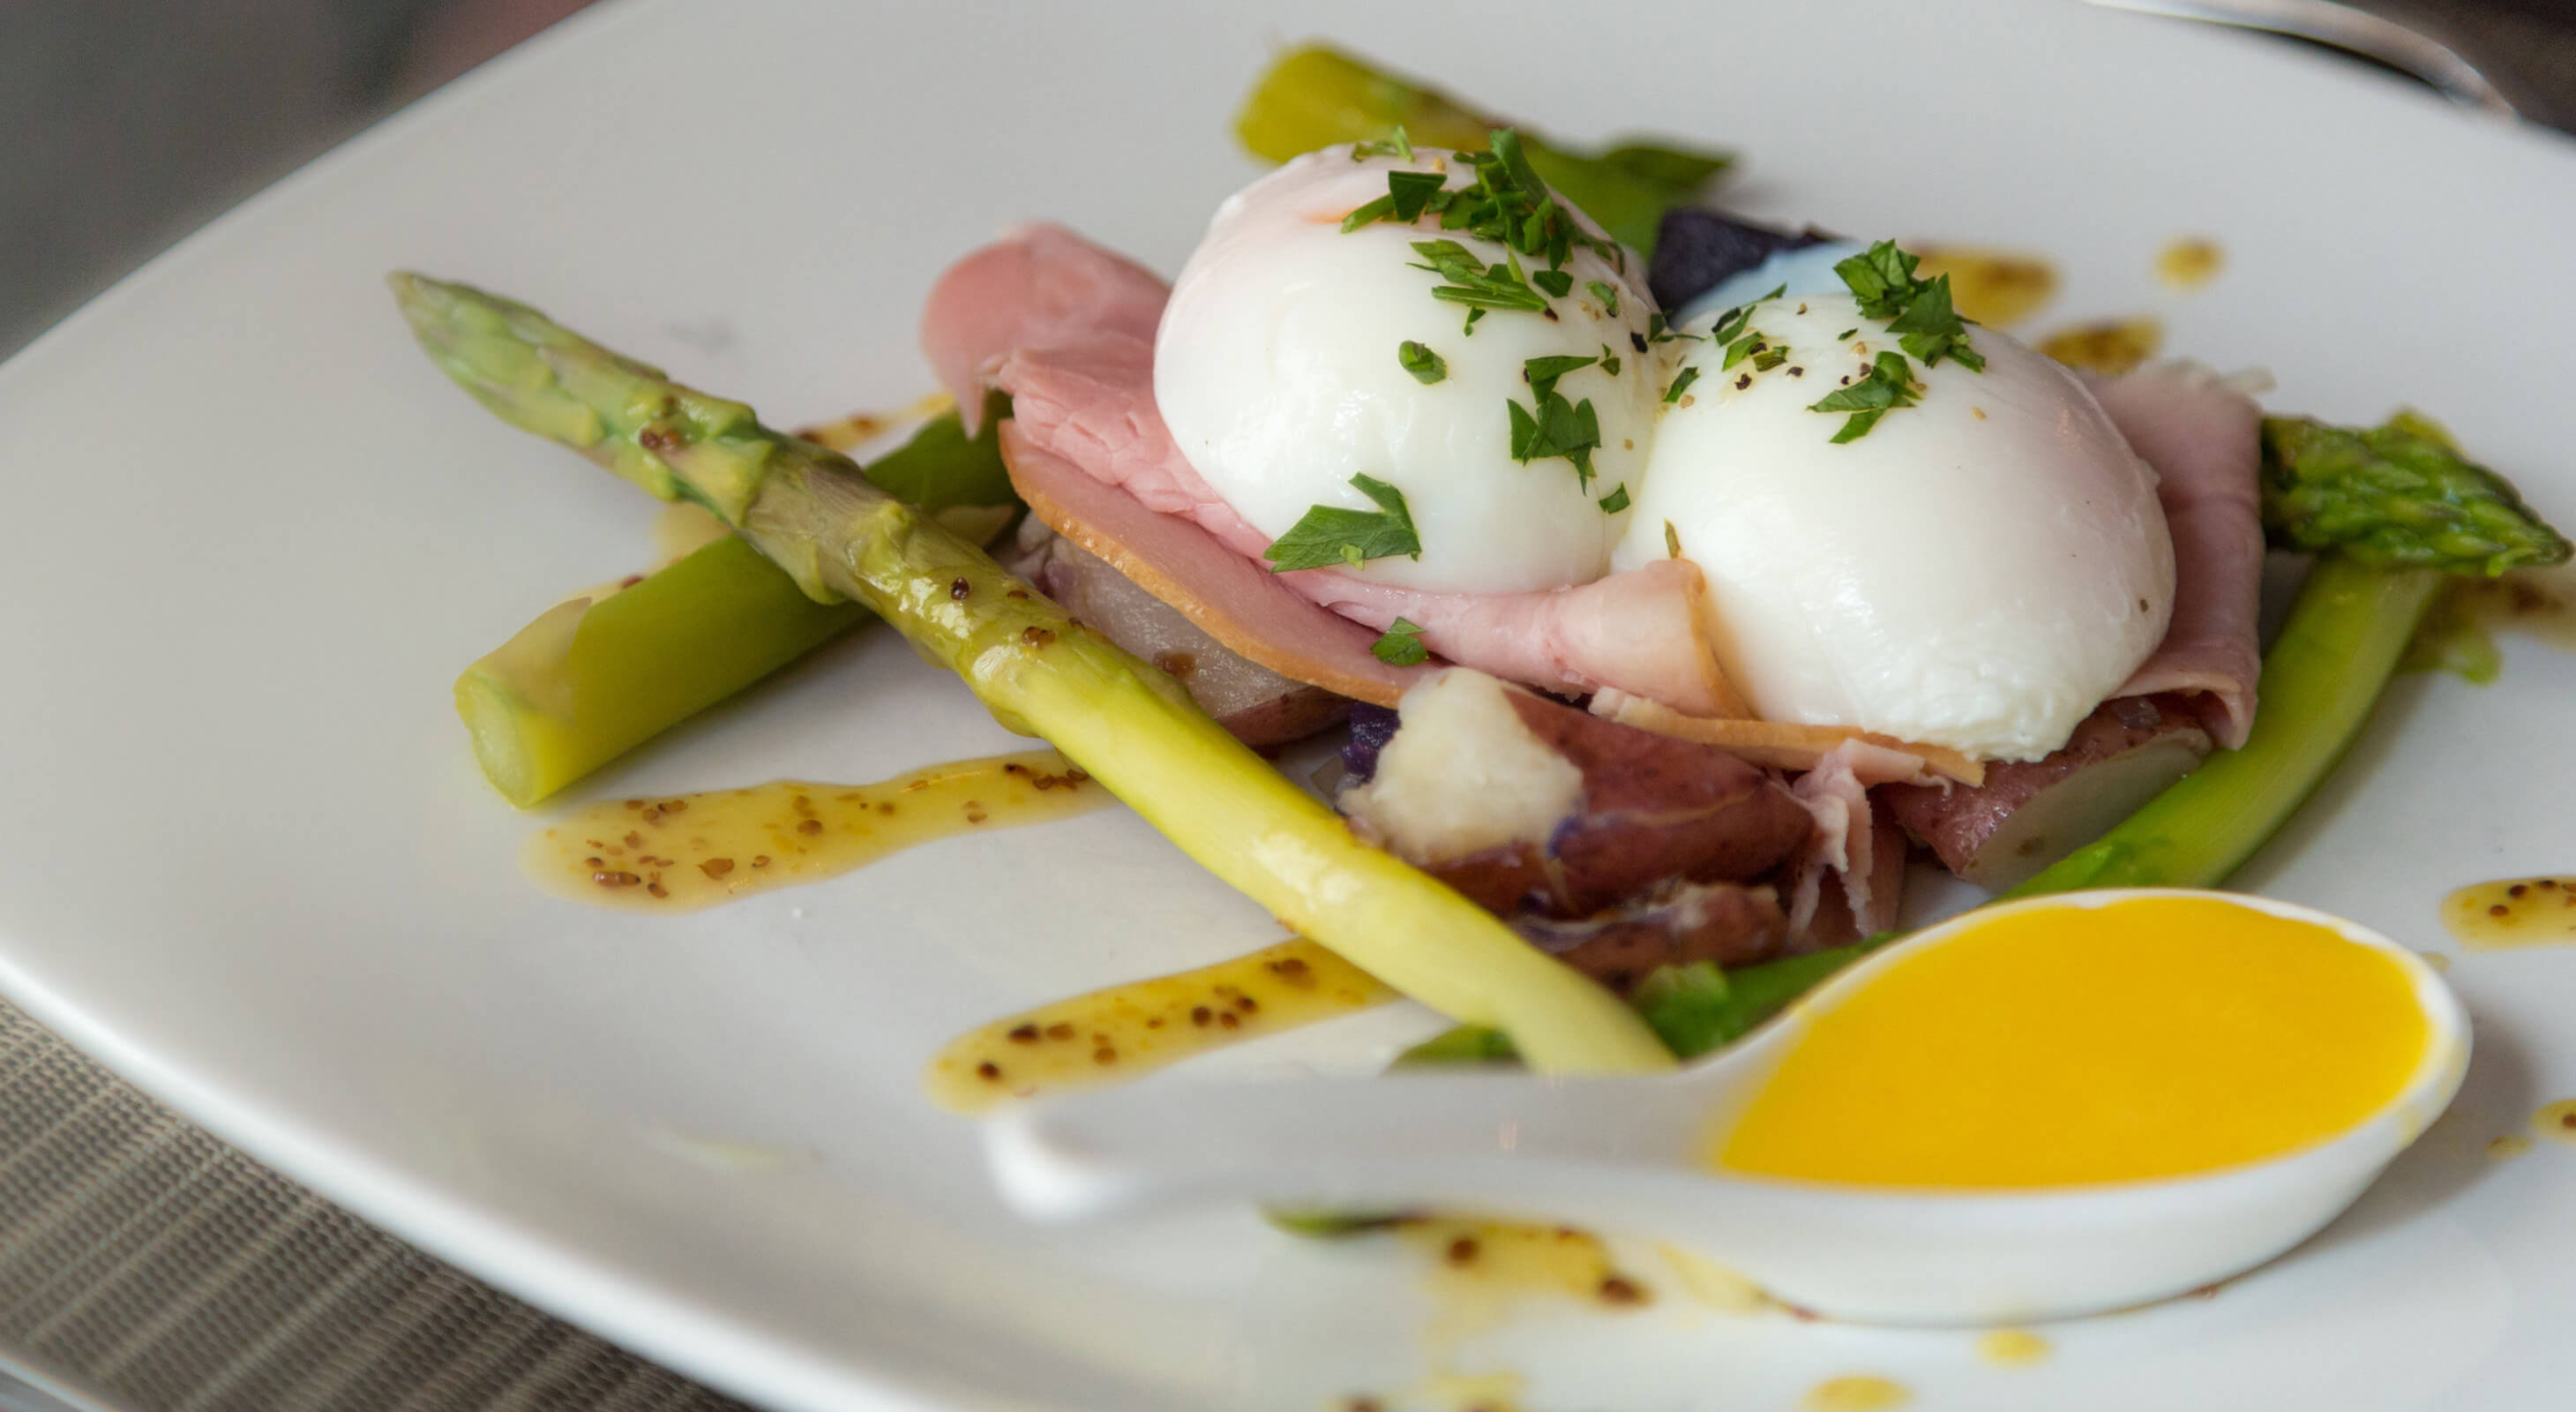 Gourmet benedict breakfast